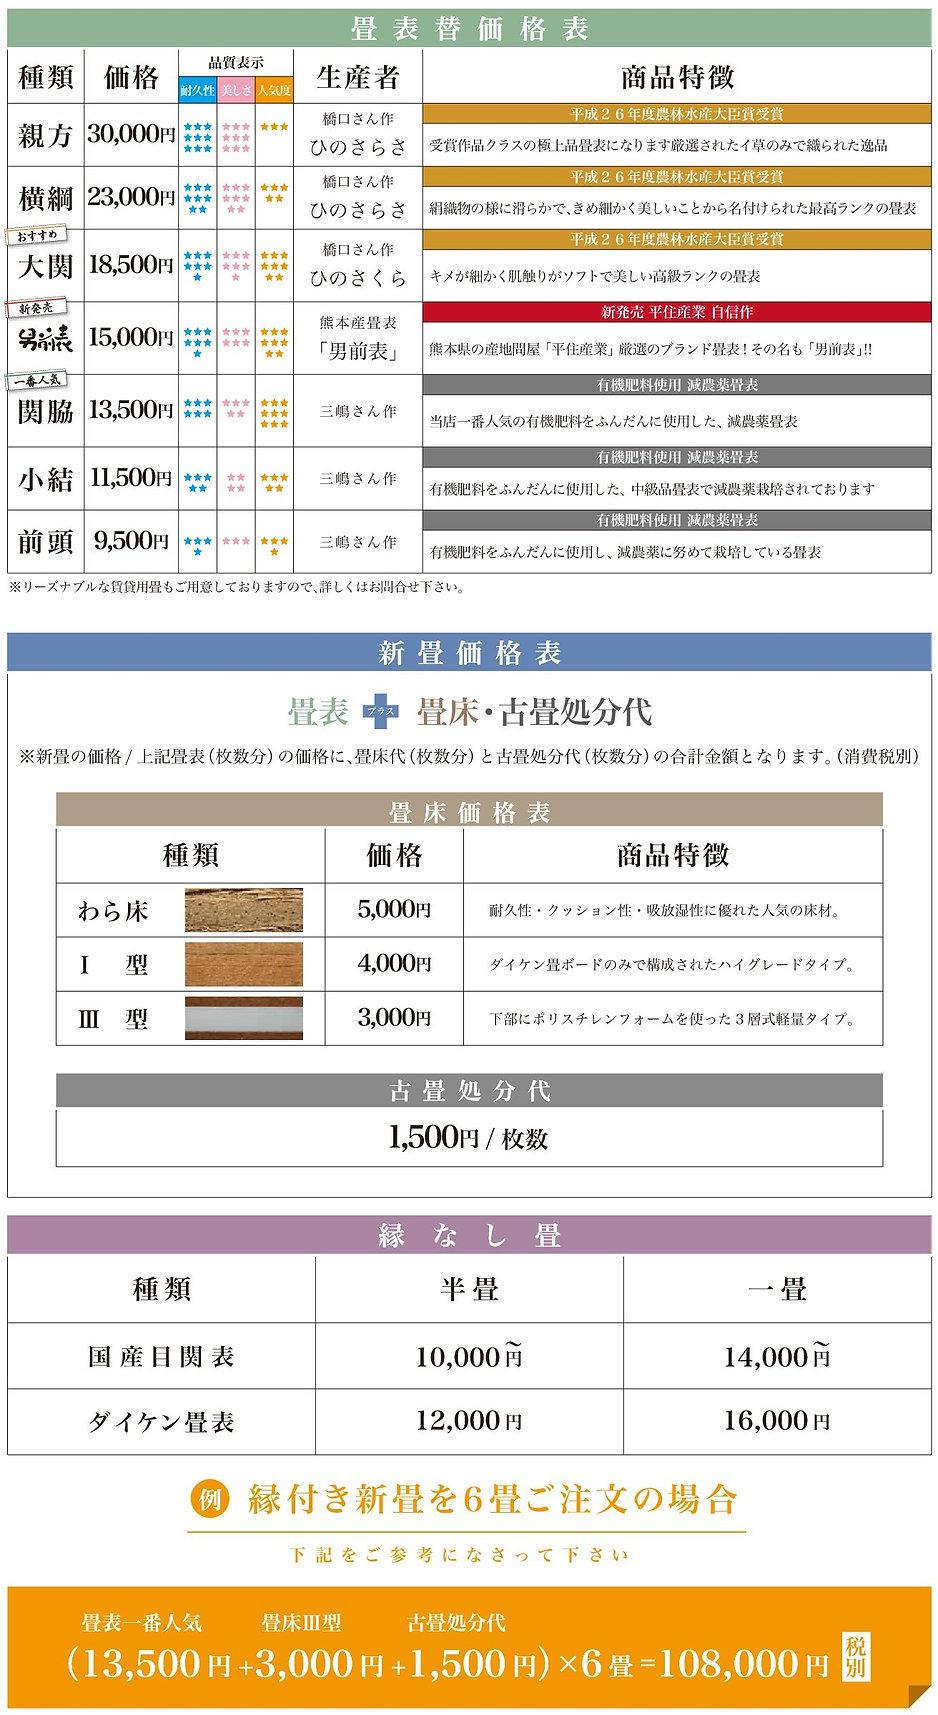 大野製畳,岐阜県,畳表,畳替え,価格,料金